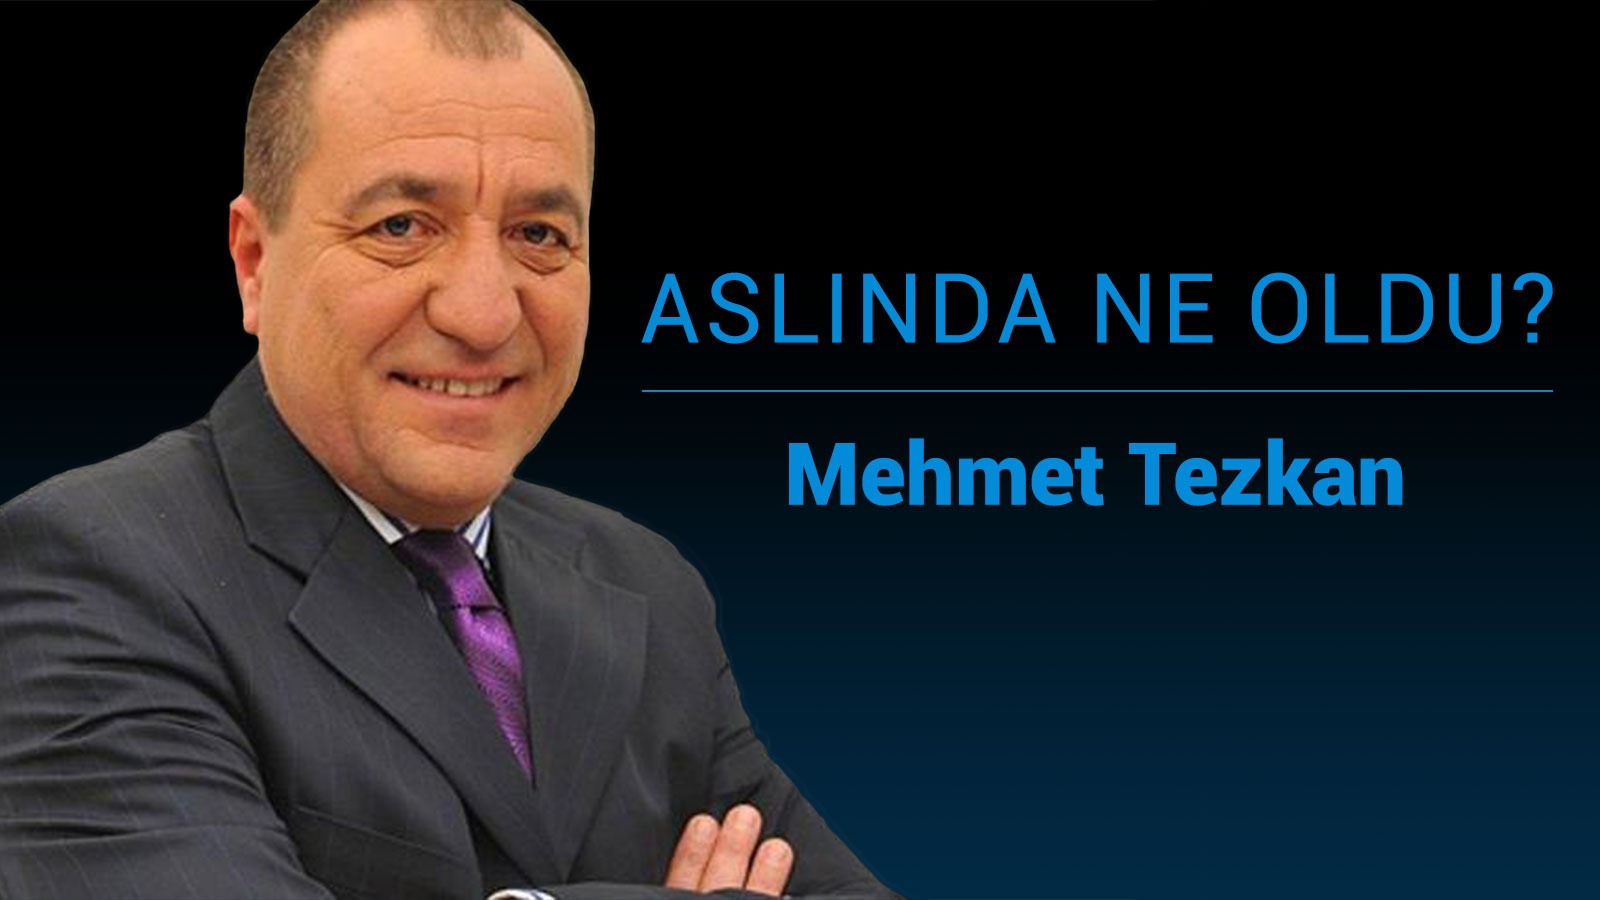 Mehmet Tezkan: Nisan ayından önce yasaklarda yumuşama olmaz; işte nedeni...